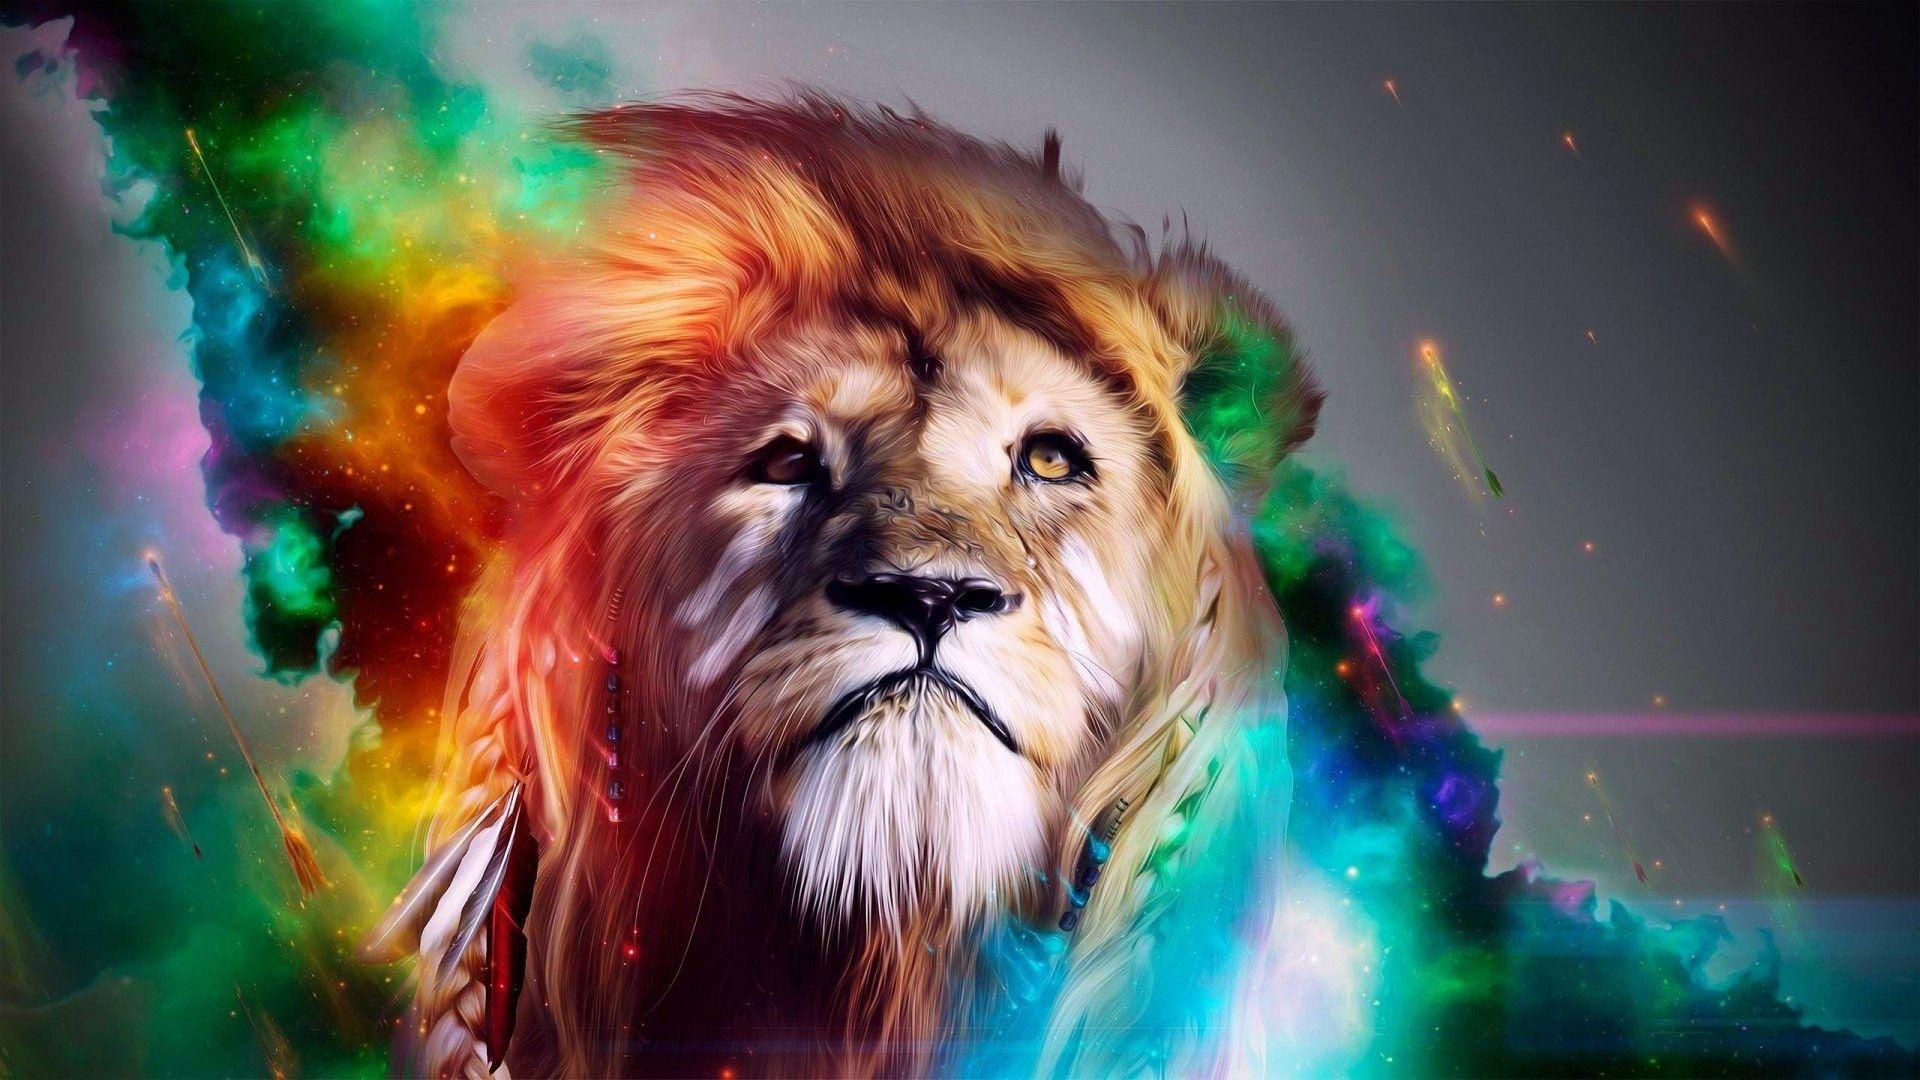 Fantastic Wallpaper Lion Facebook - a7619f7efc144647f0397f53b8a26c29  You Should Have_94489.jpg